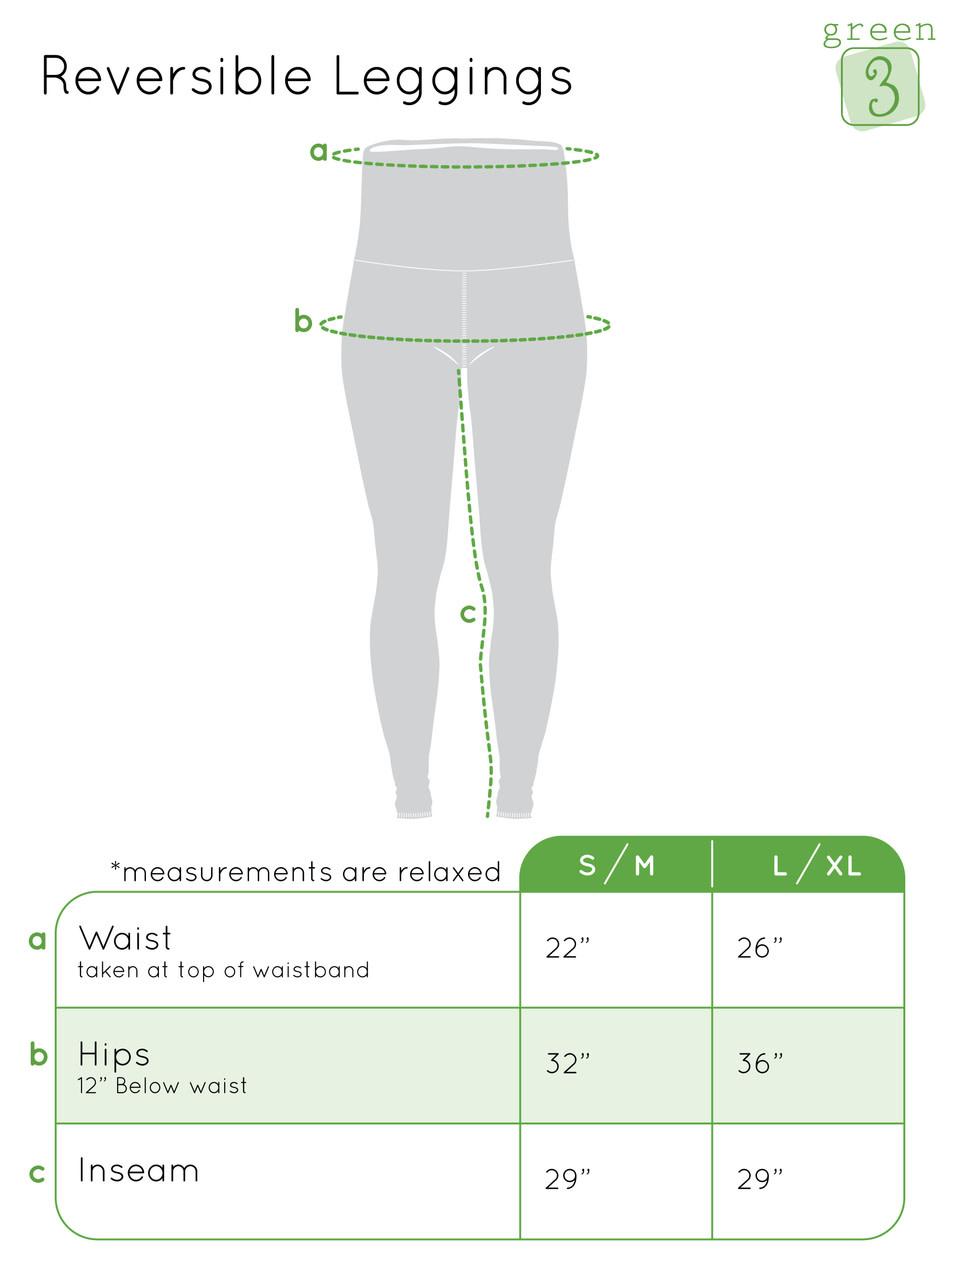 Green 3 Apparel Ornaments & Pine Reversible Leggings